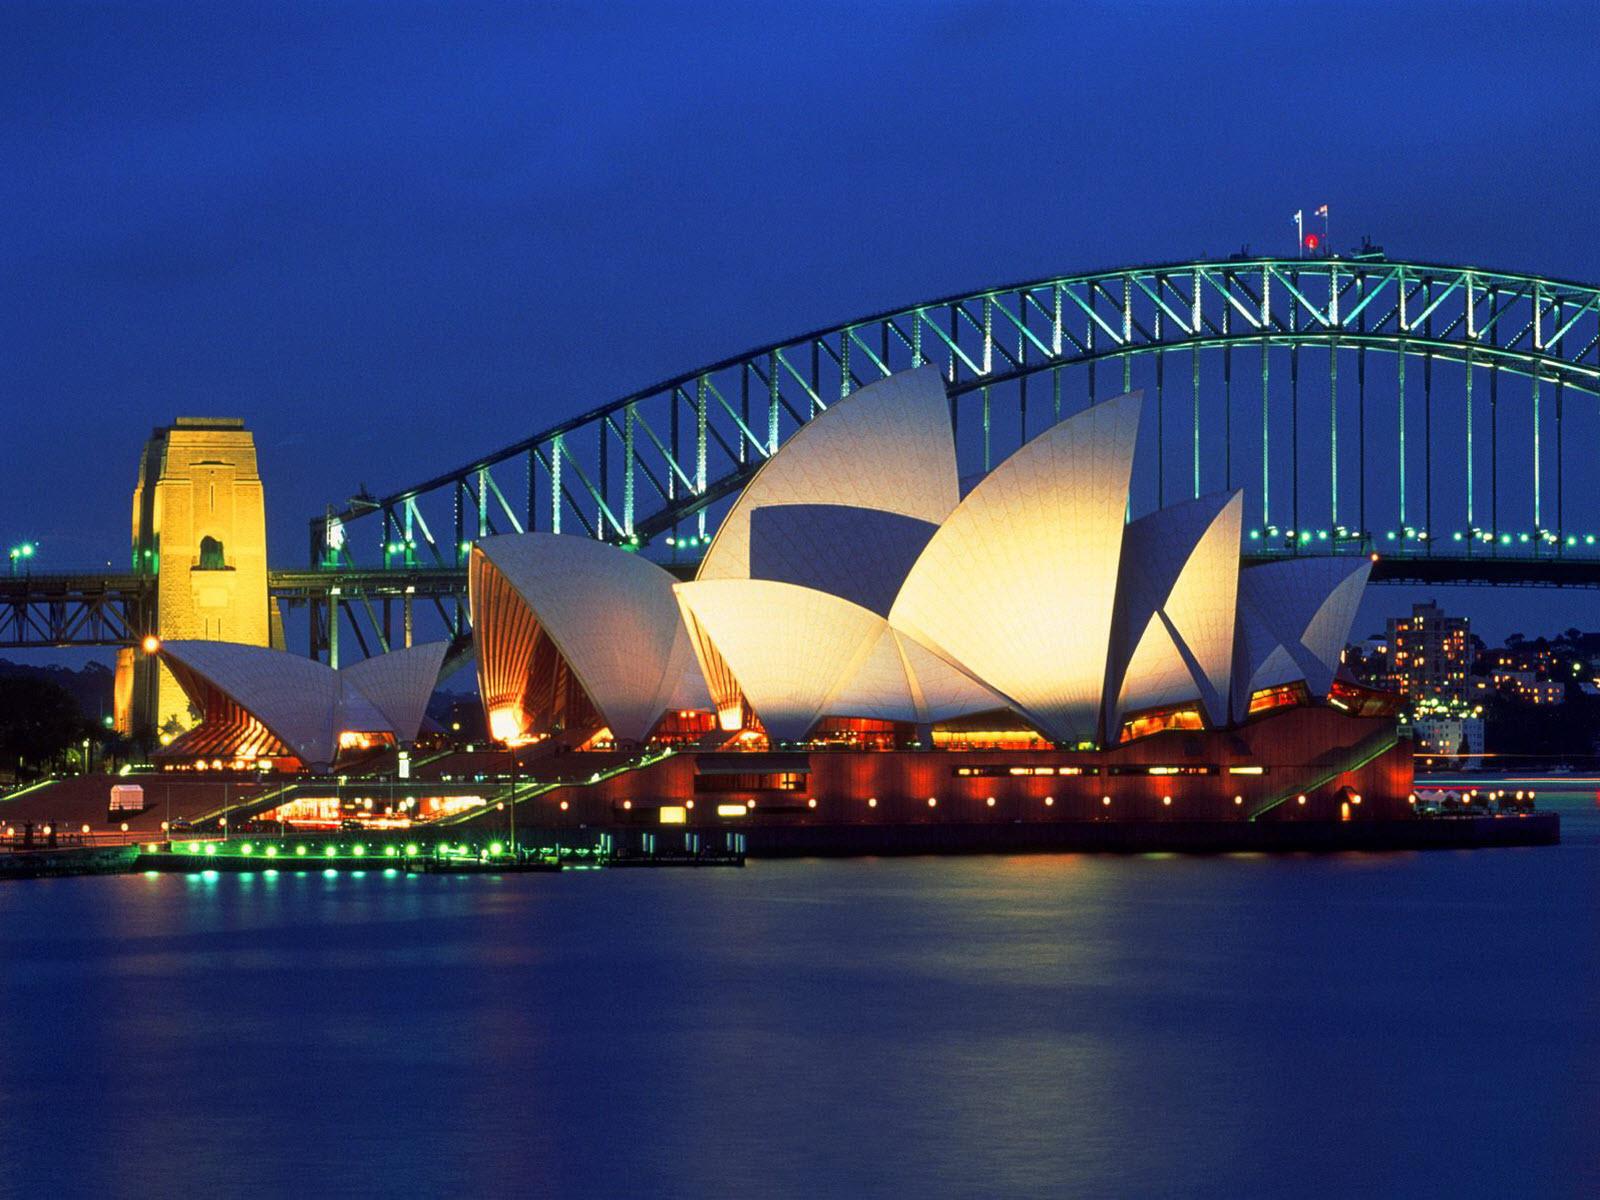 أفضل الوجهات السياحية التي يمكن australia.jpg